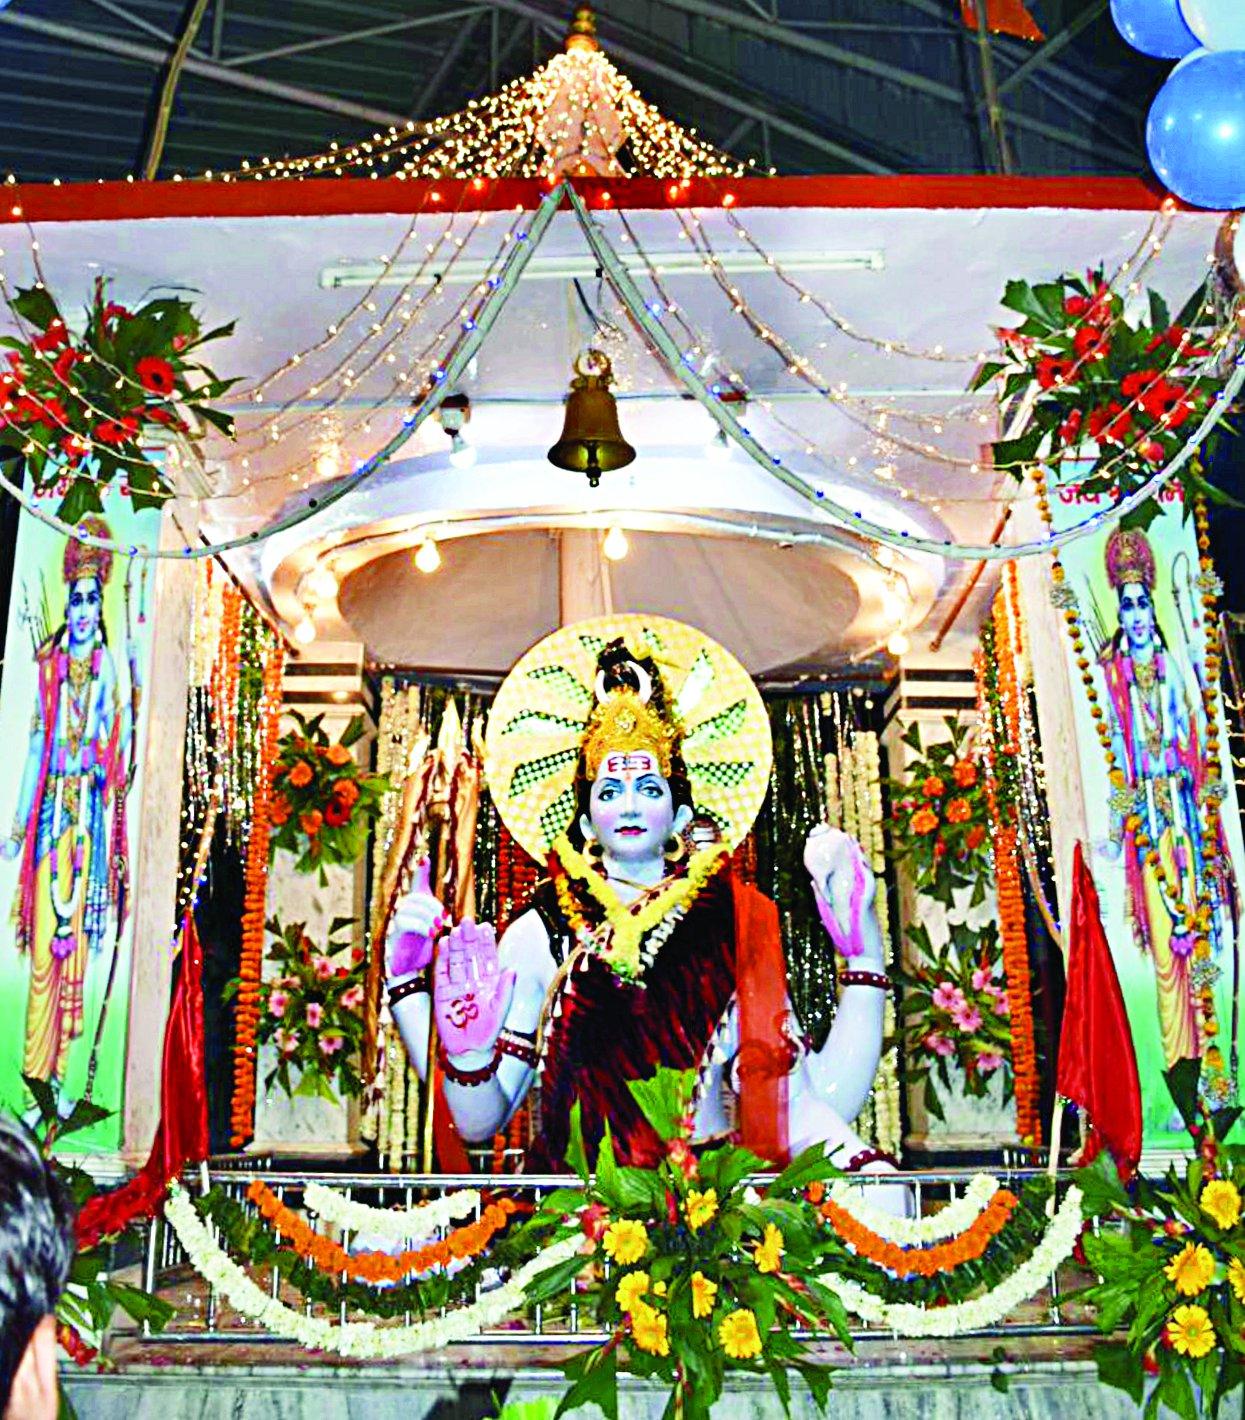 महाशिवरात्रि पर इन मंदिरों में होंगे विशेष अनुष्ठान, आप भी जानें